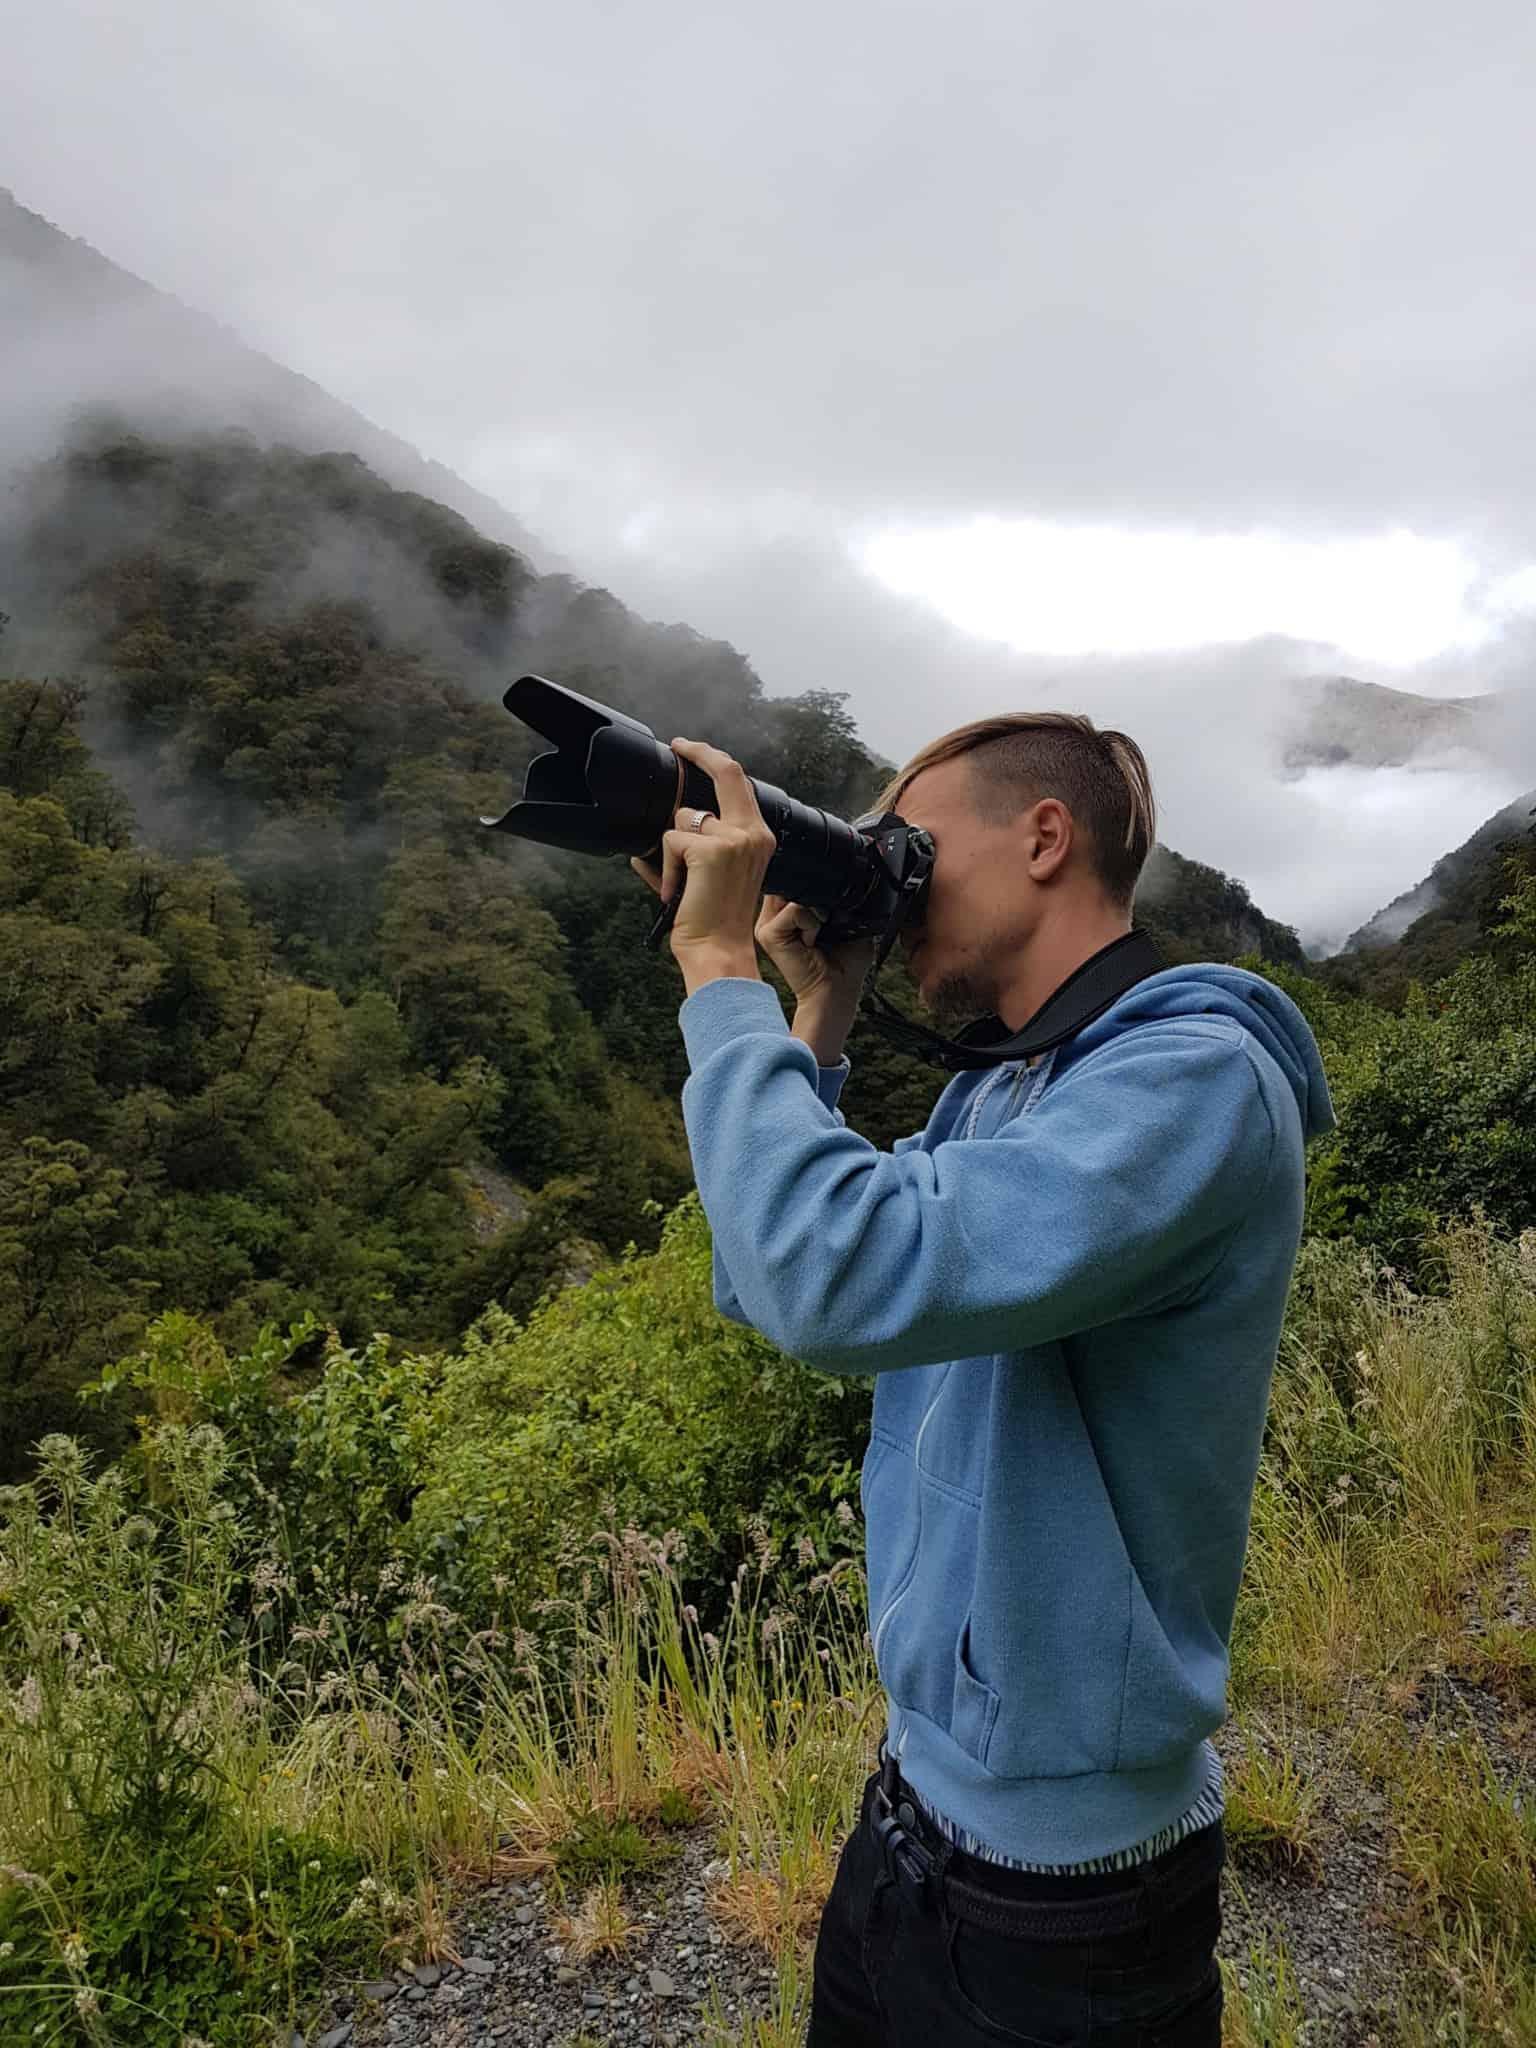 Nouvelle-Zélande, la sublime route de Wanaka entre lacs et montagnes 😍 2